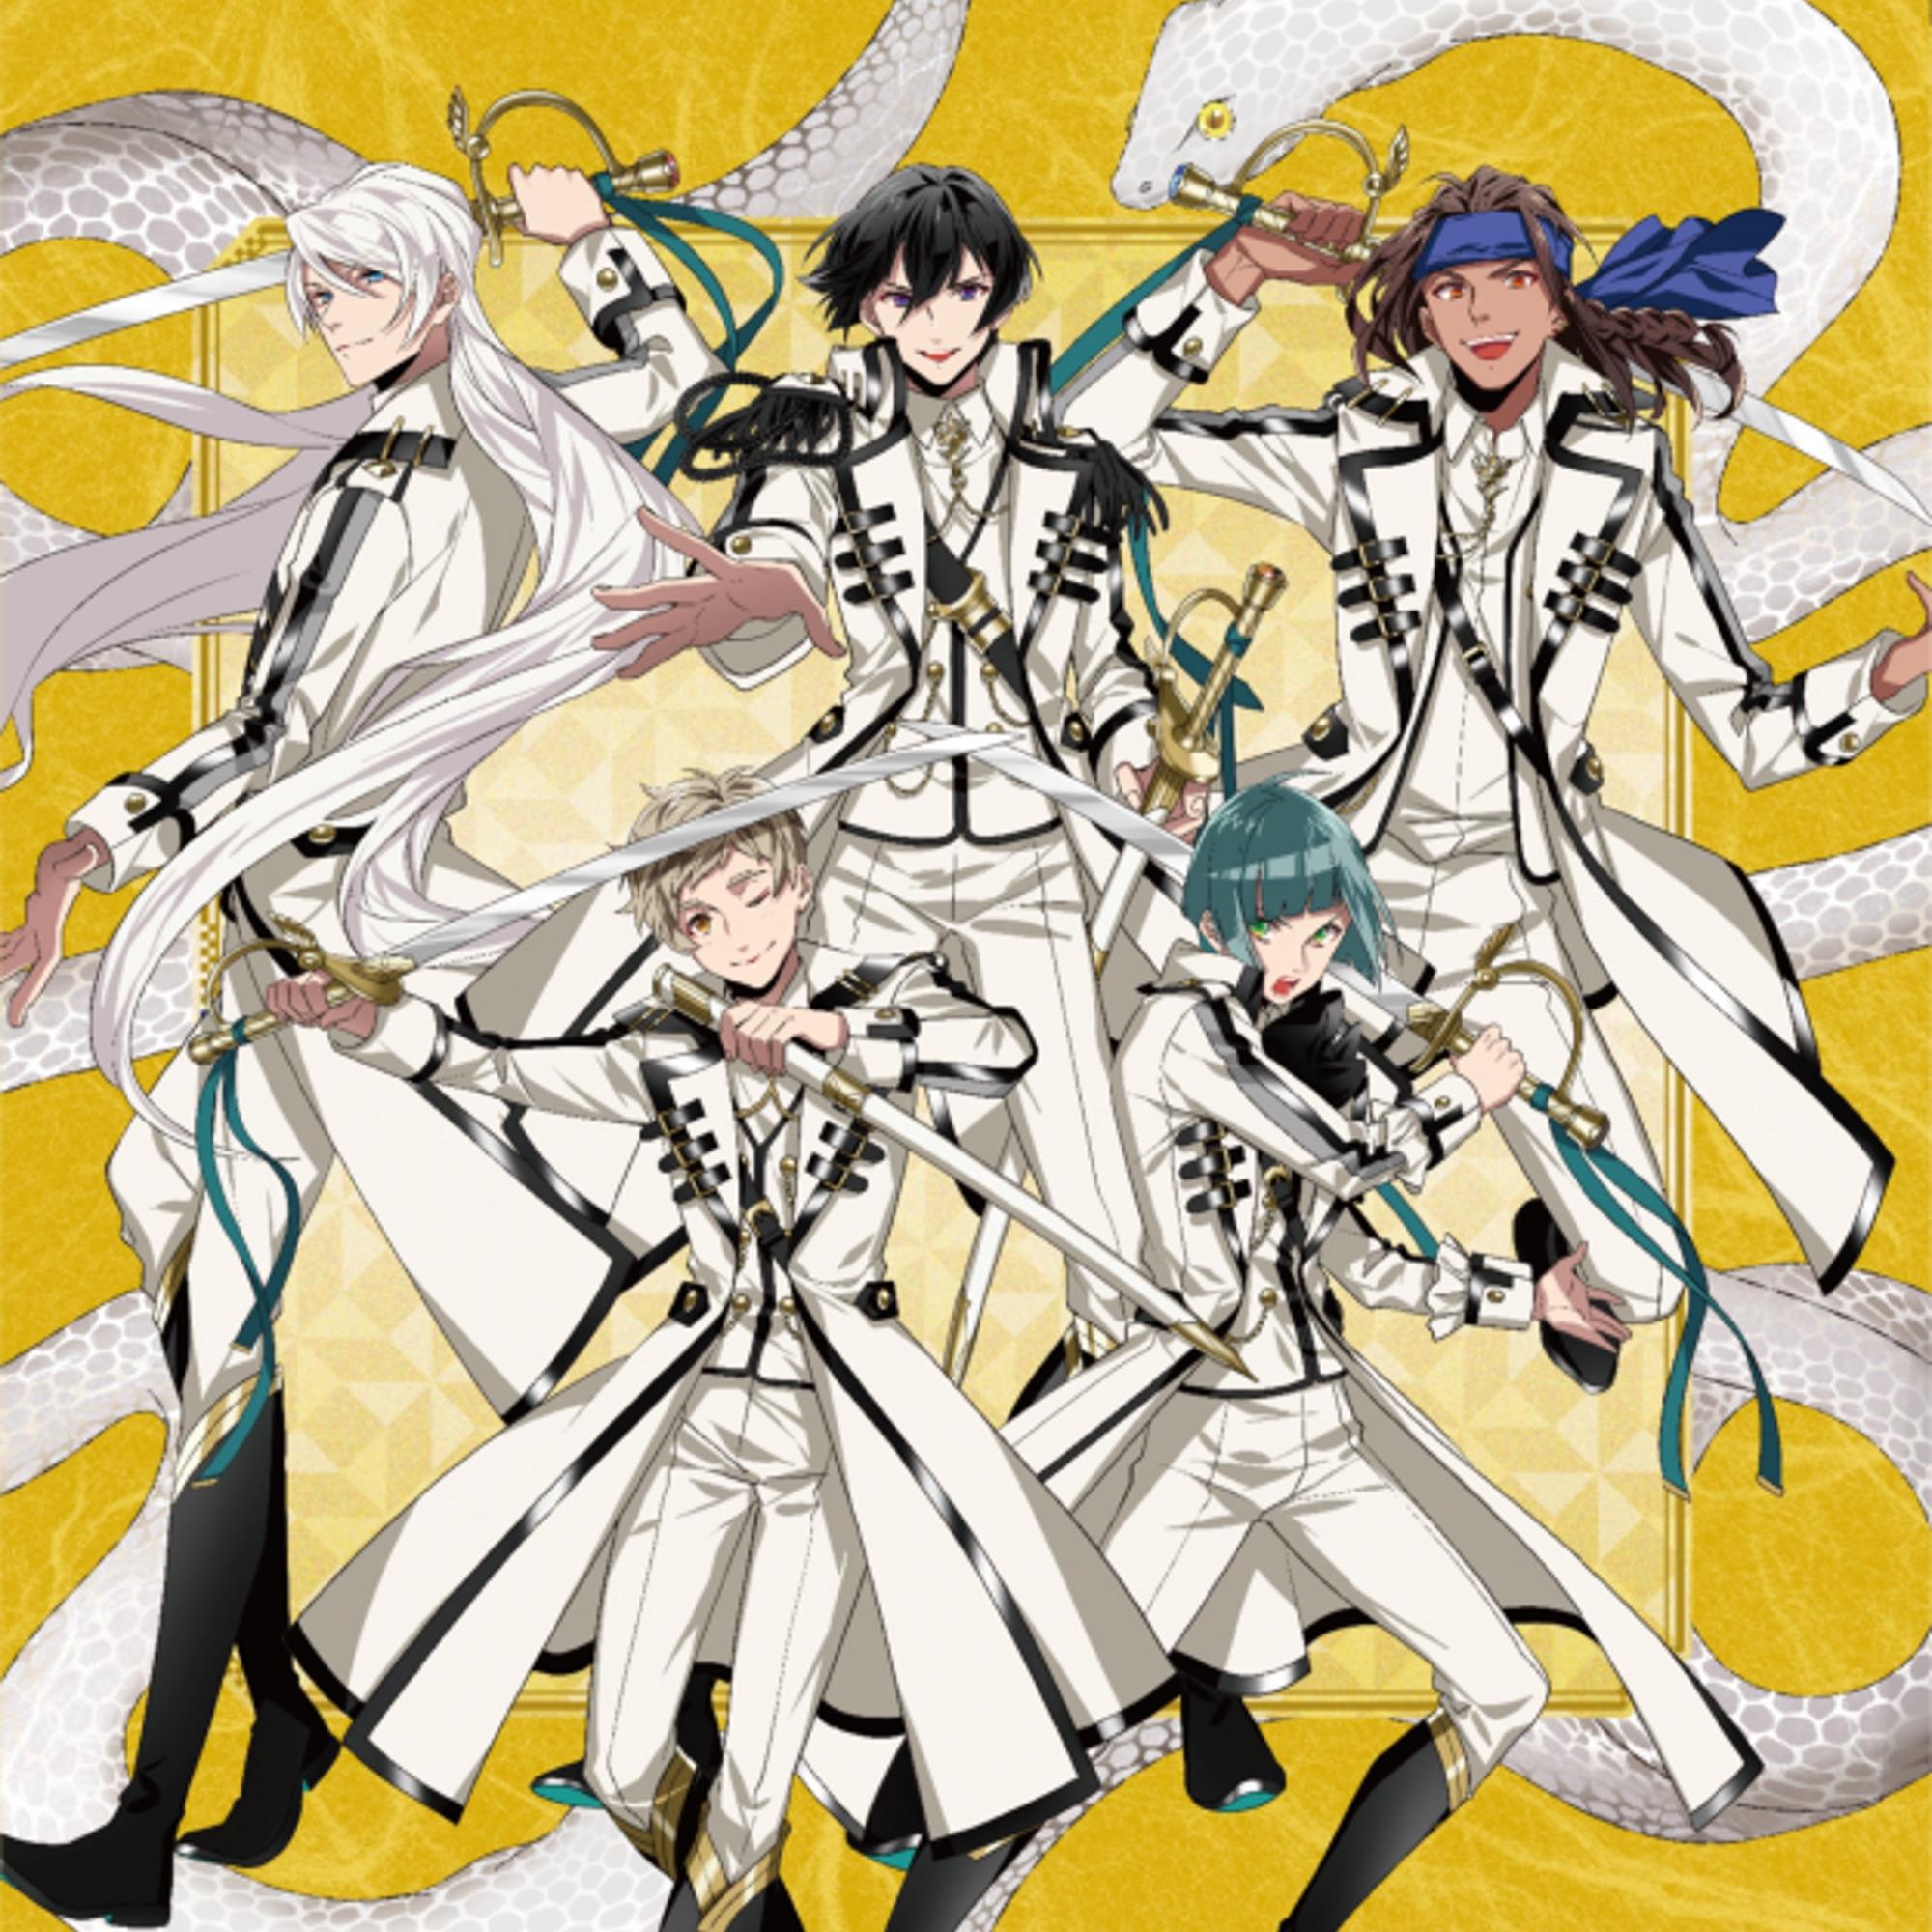 REALIVE! -Teito Kagura Butai-: Crown Clan – Matasa rete ita I love you! Hoshi no kizuna / 待たされていた I love you!/星の絆